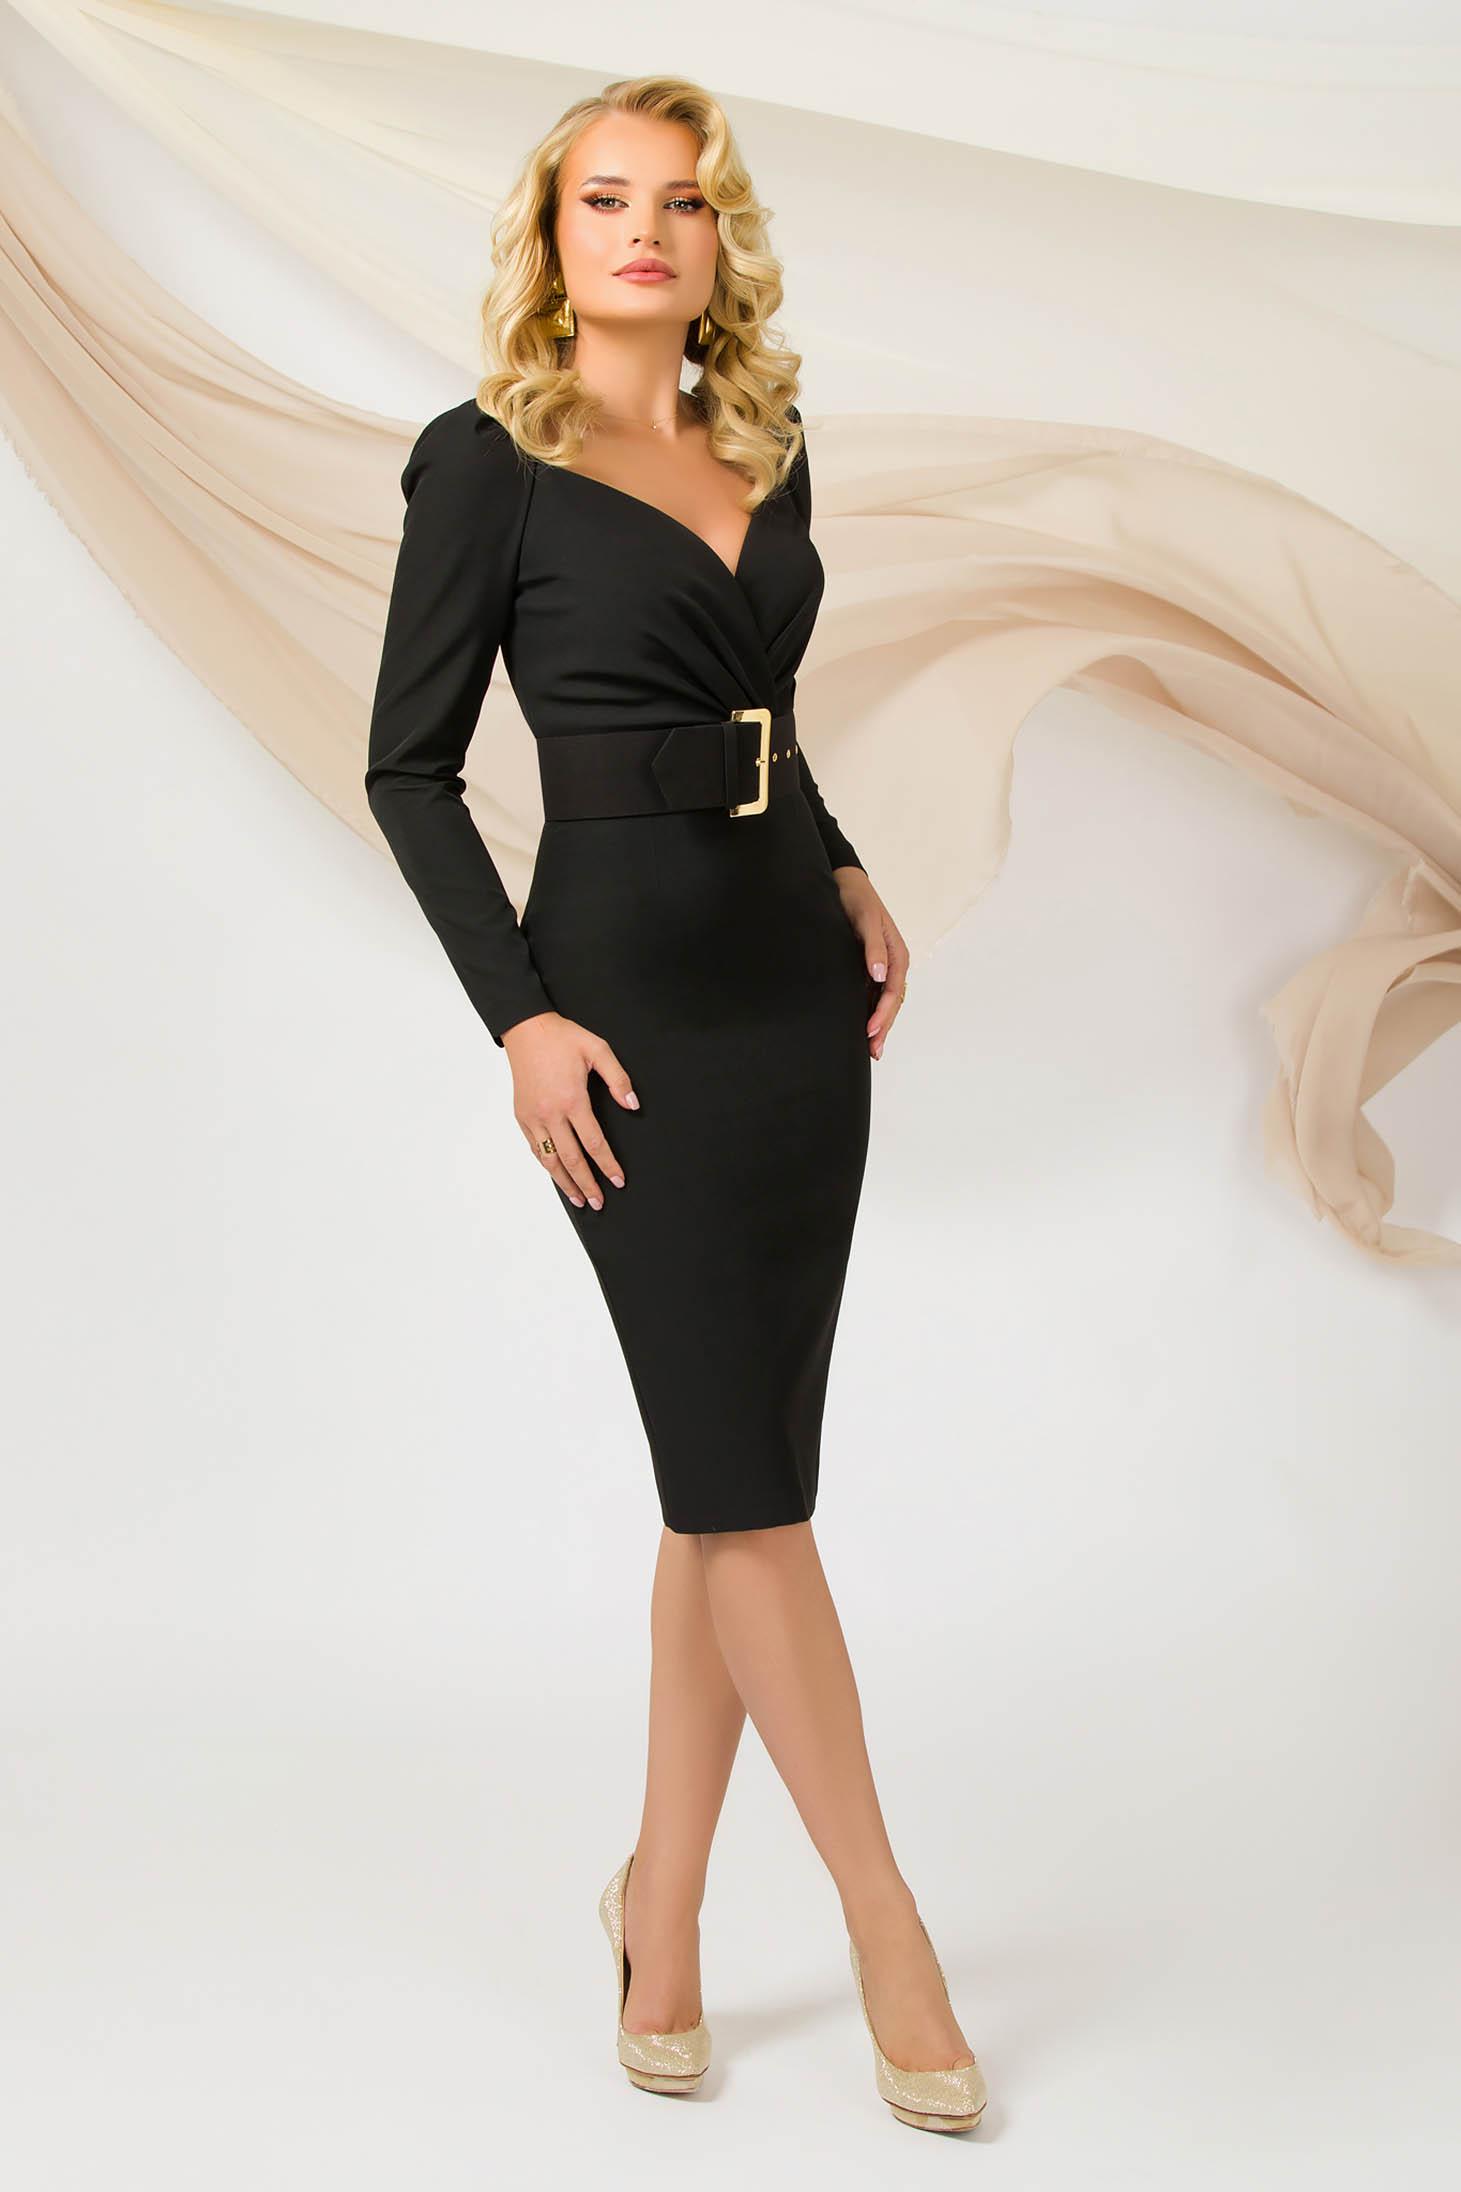 Fekete ruha irodai hosszú ujjakkal midi vékony anyag öv típusú kiegészítővel szűk szabású